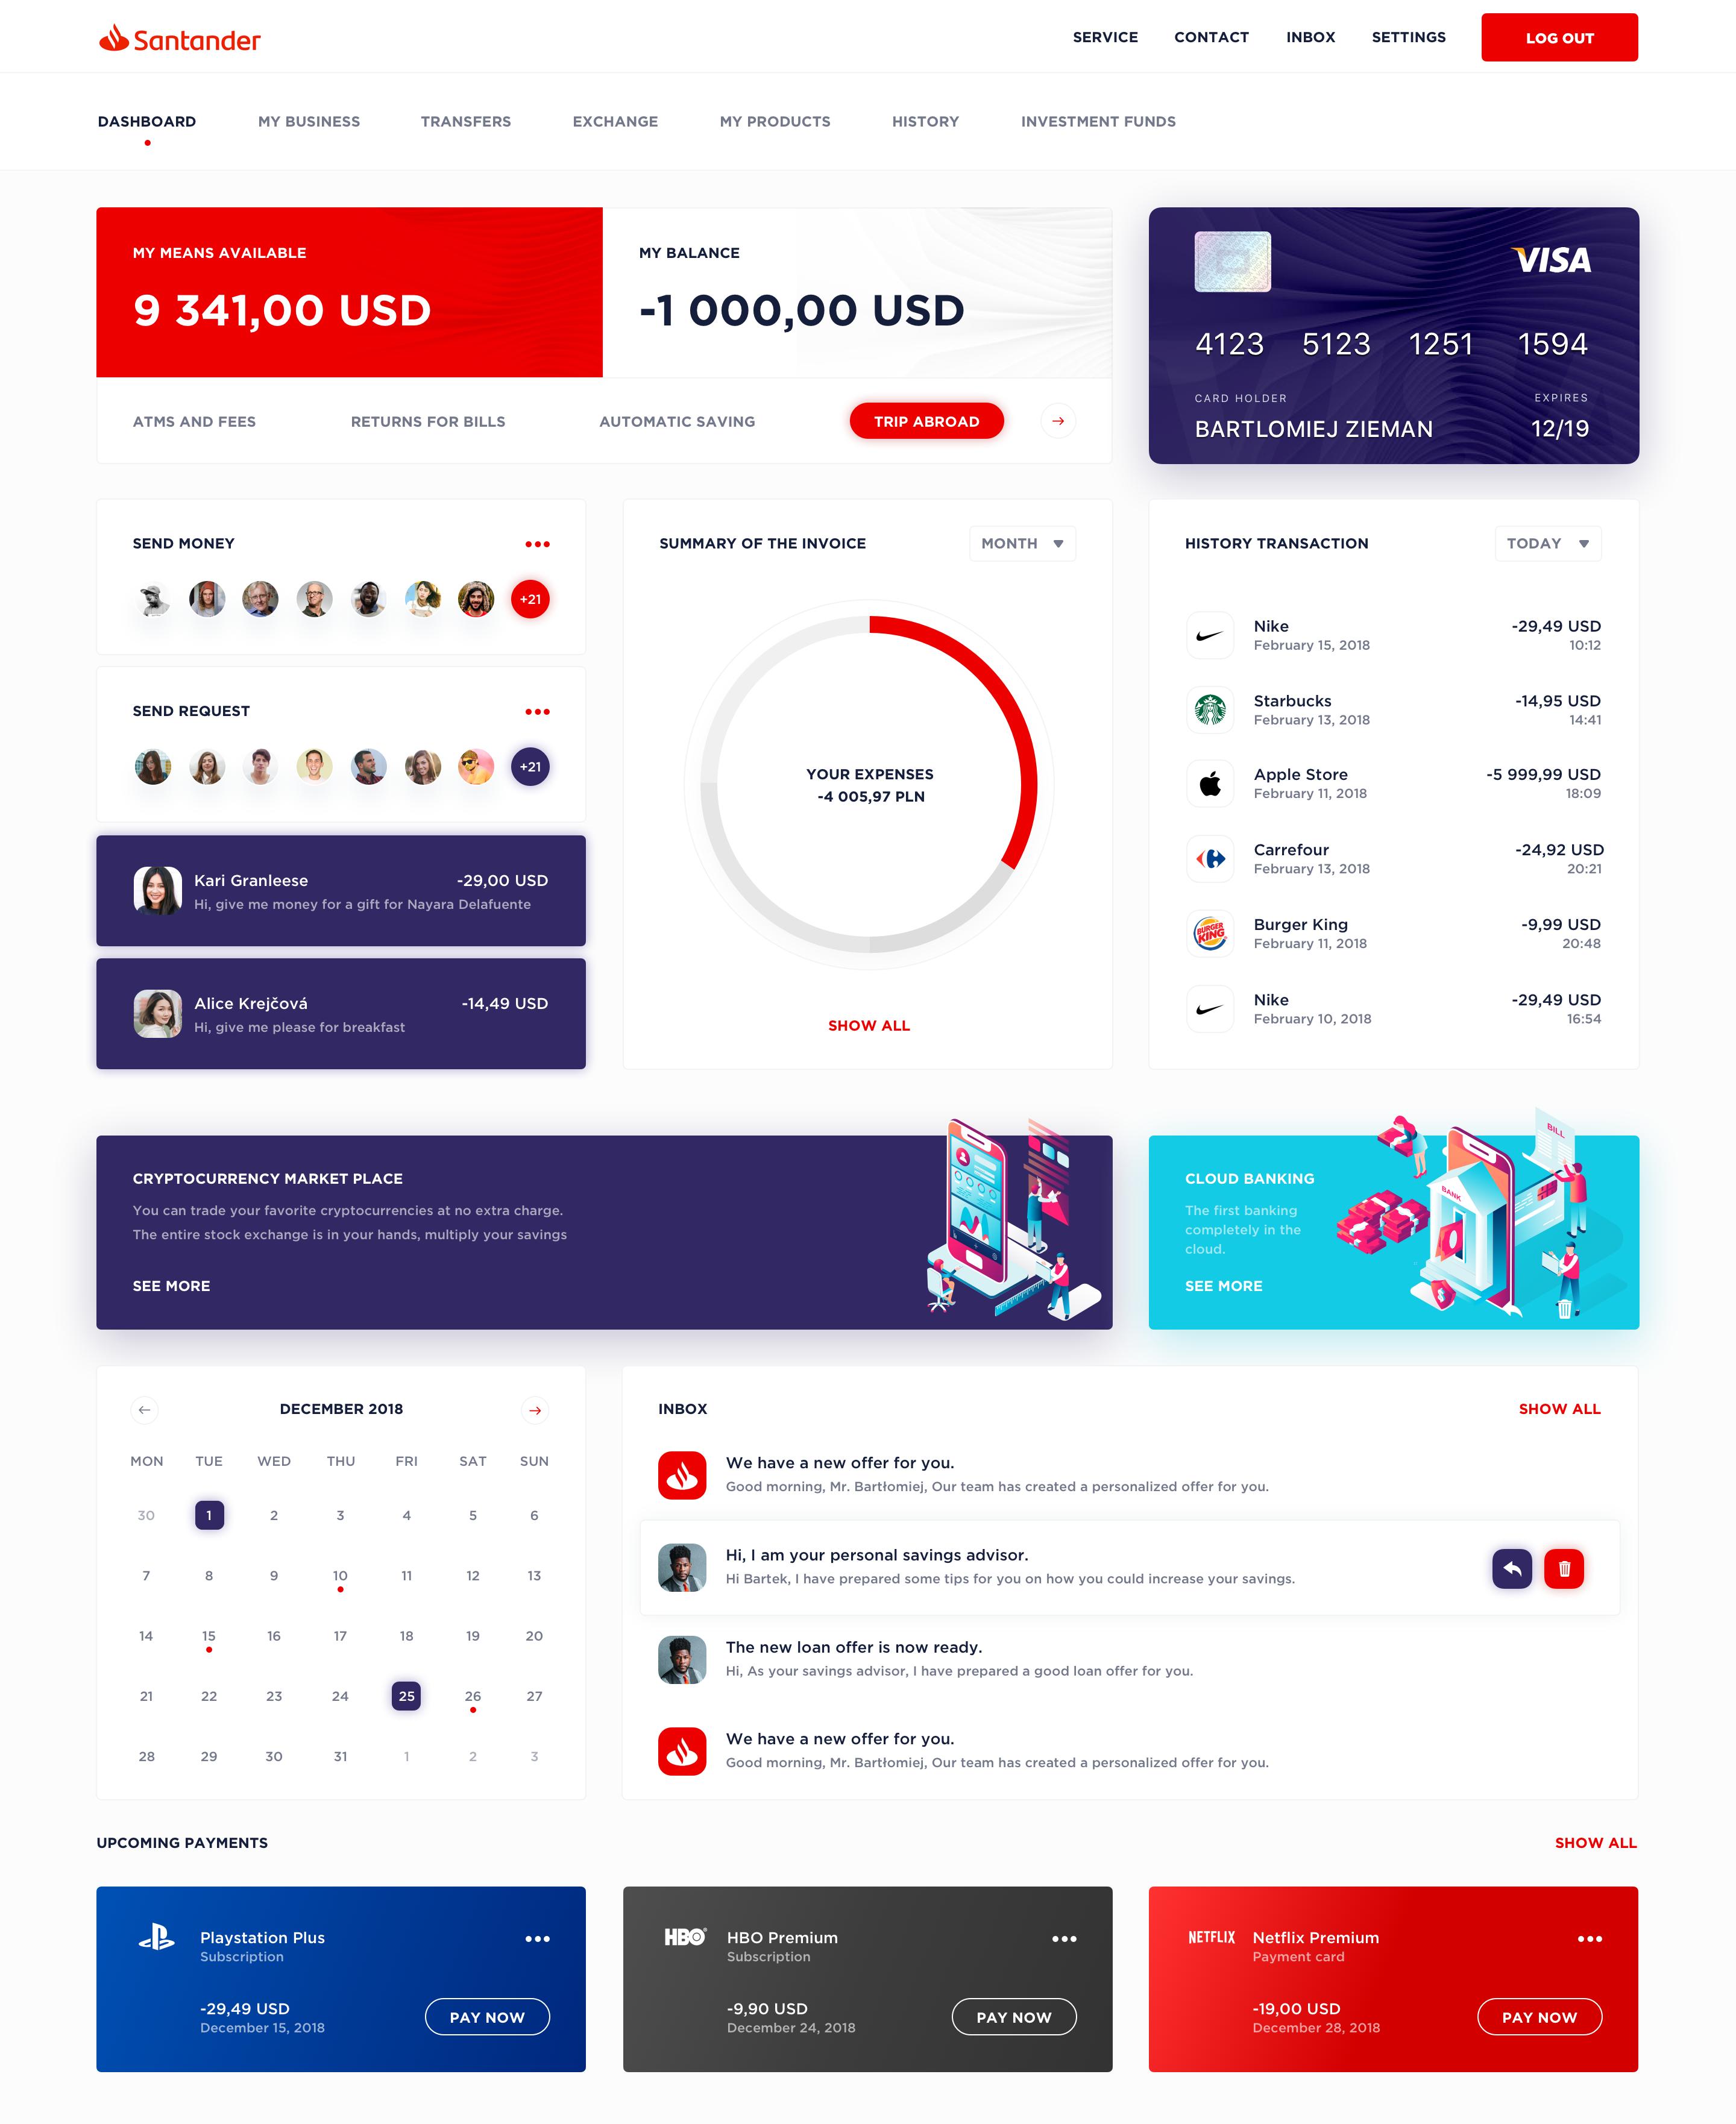 Banking Dashboard Dashboard Design Web Design Data Visualization